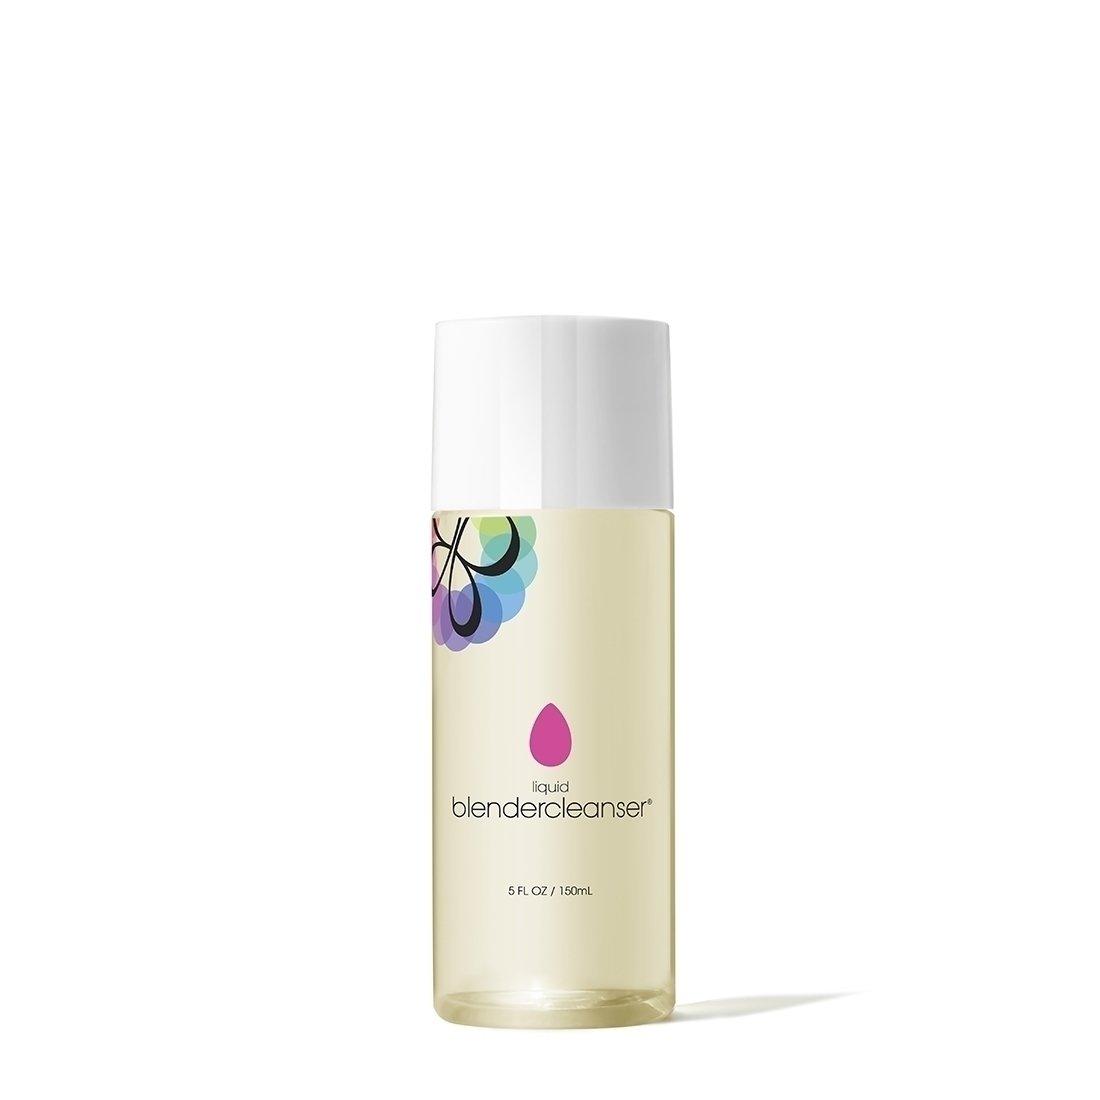 beautyblender liquid blendercleanser for Cleaning Makeup Sponges & Brushes, 5 oz